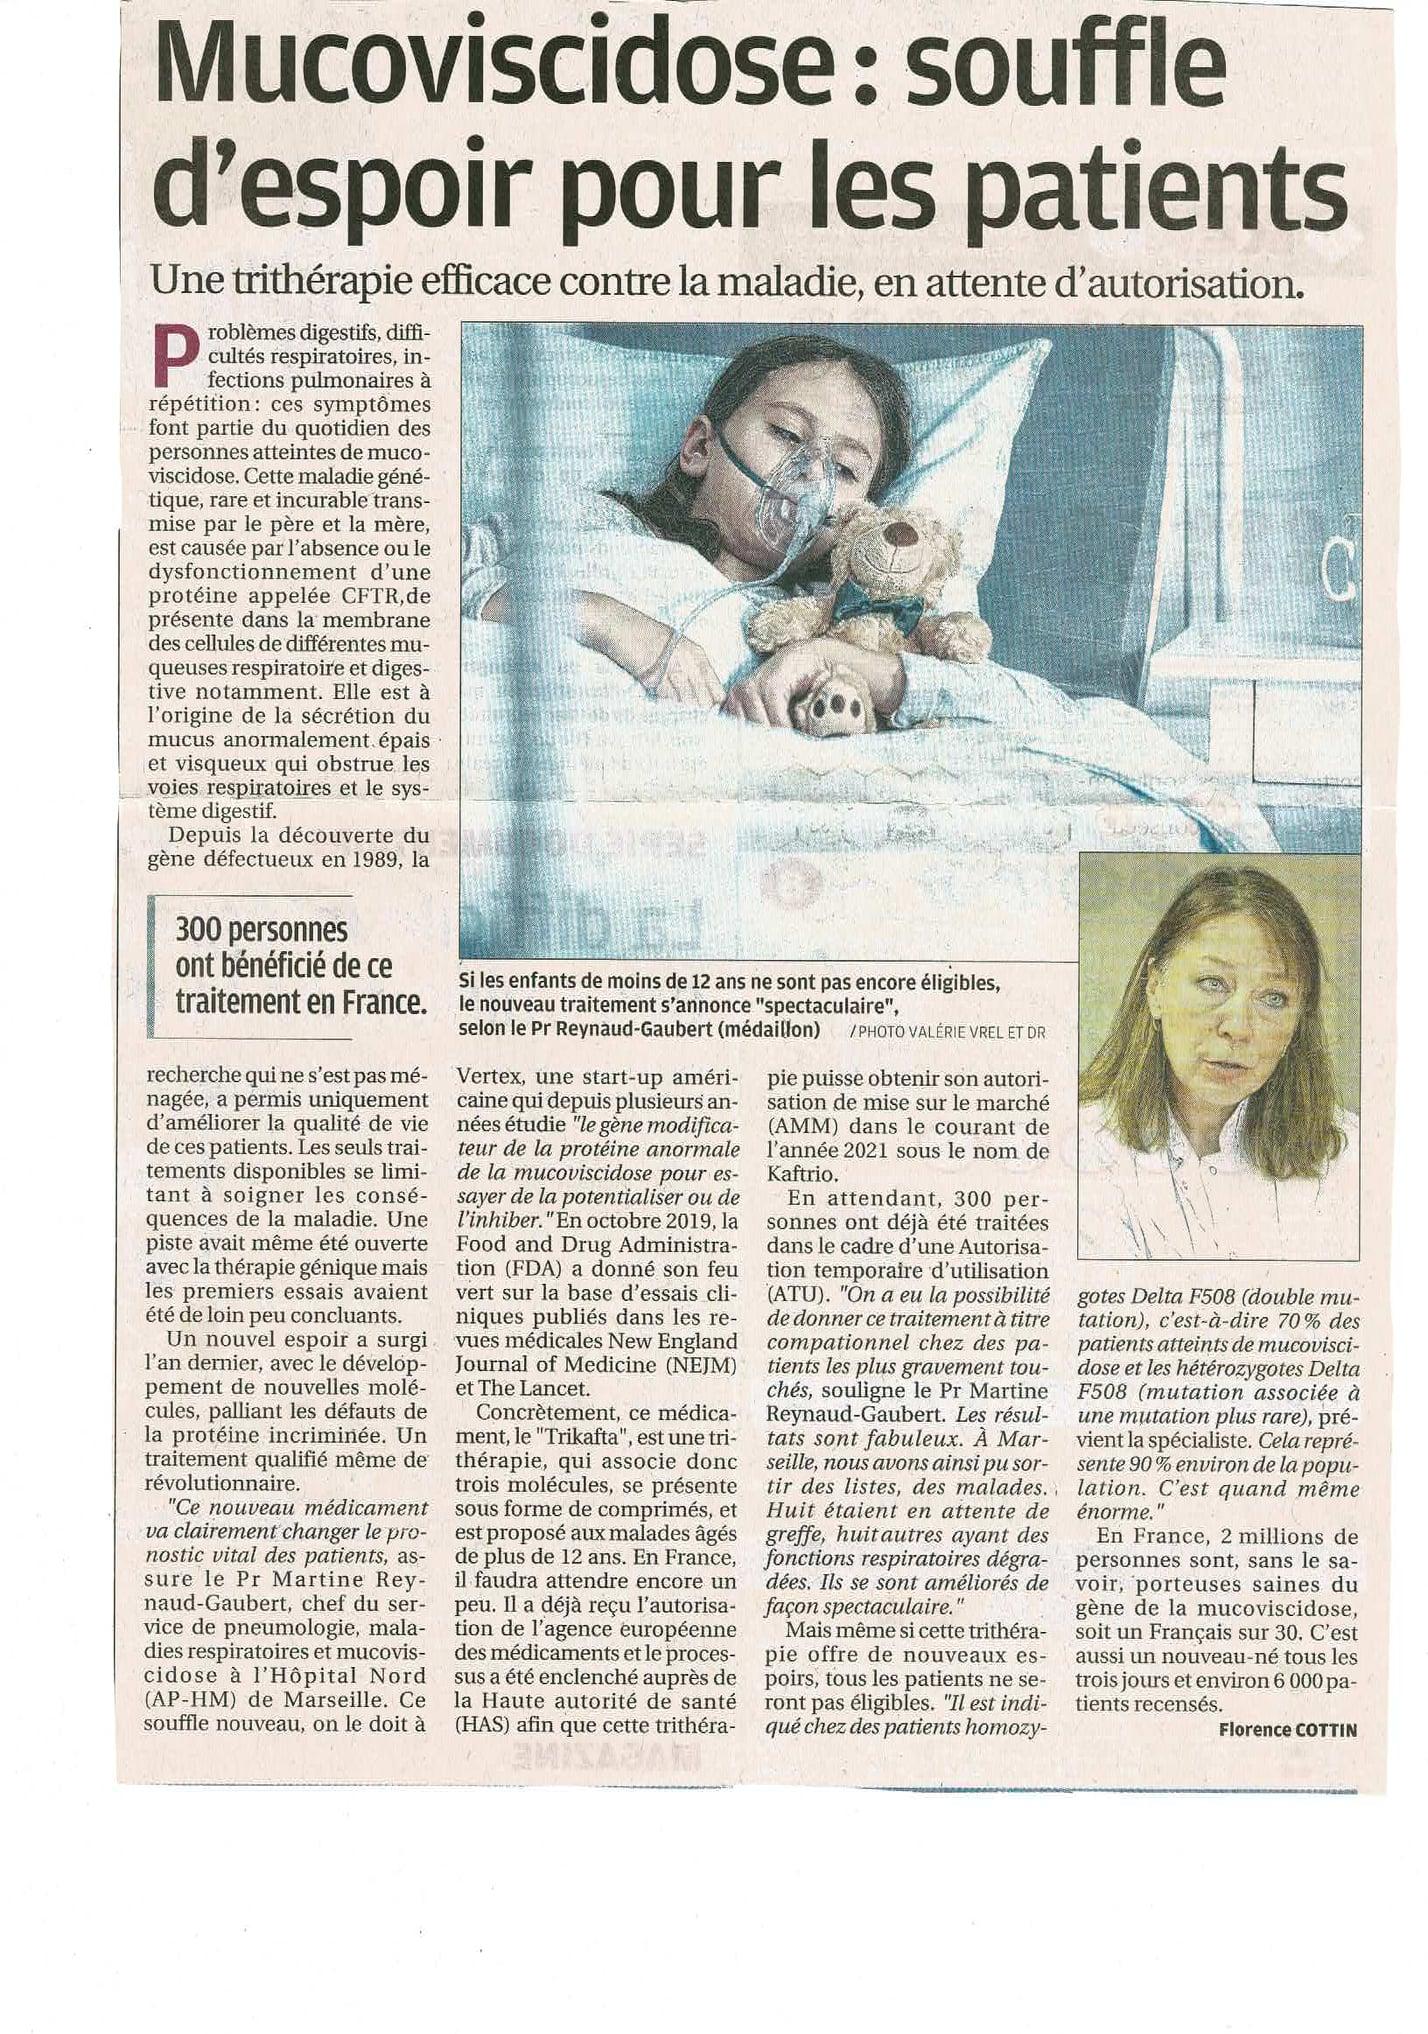 Un souffle d'espoir pour les patients